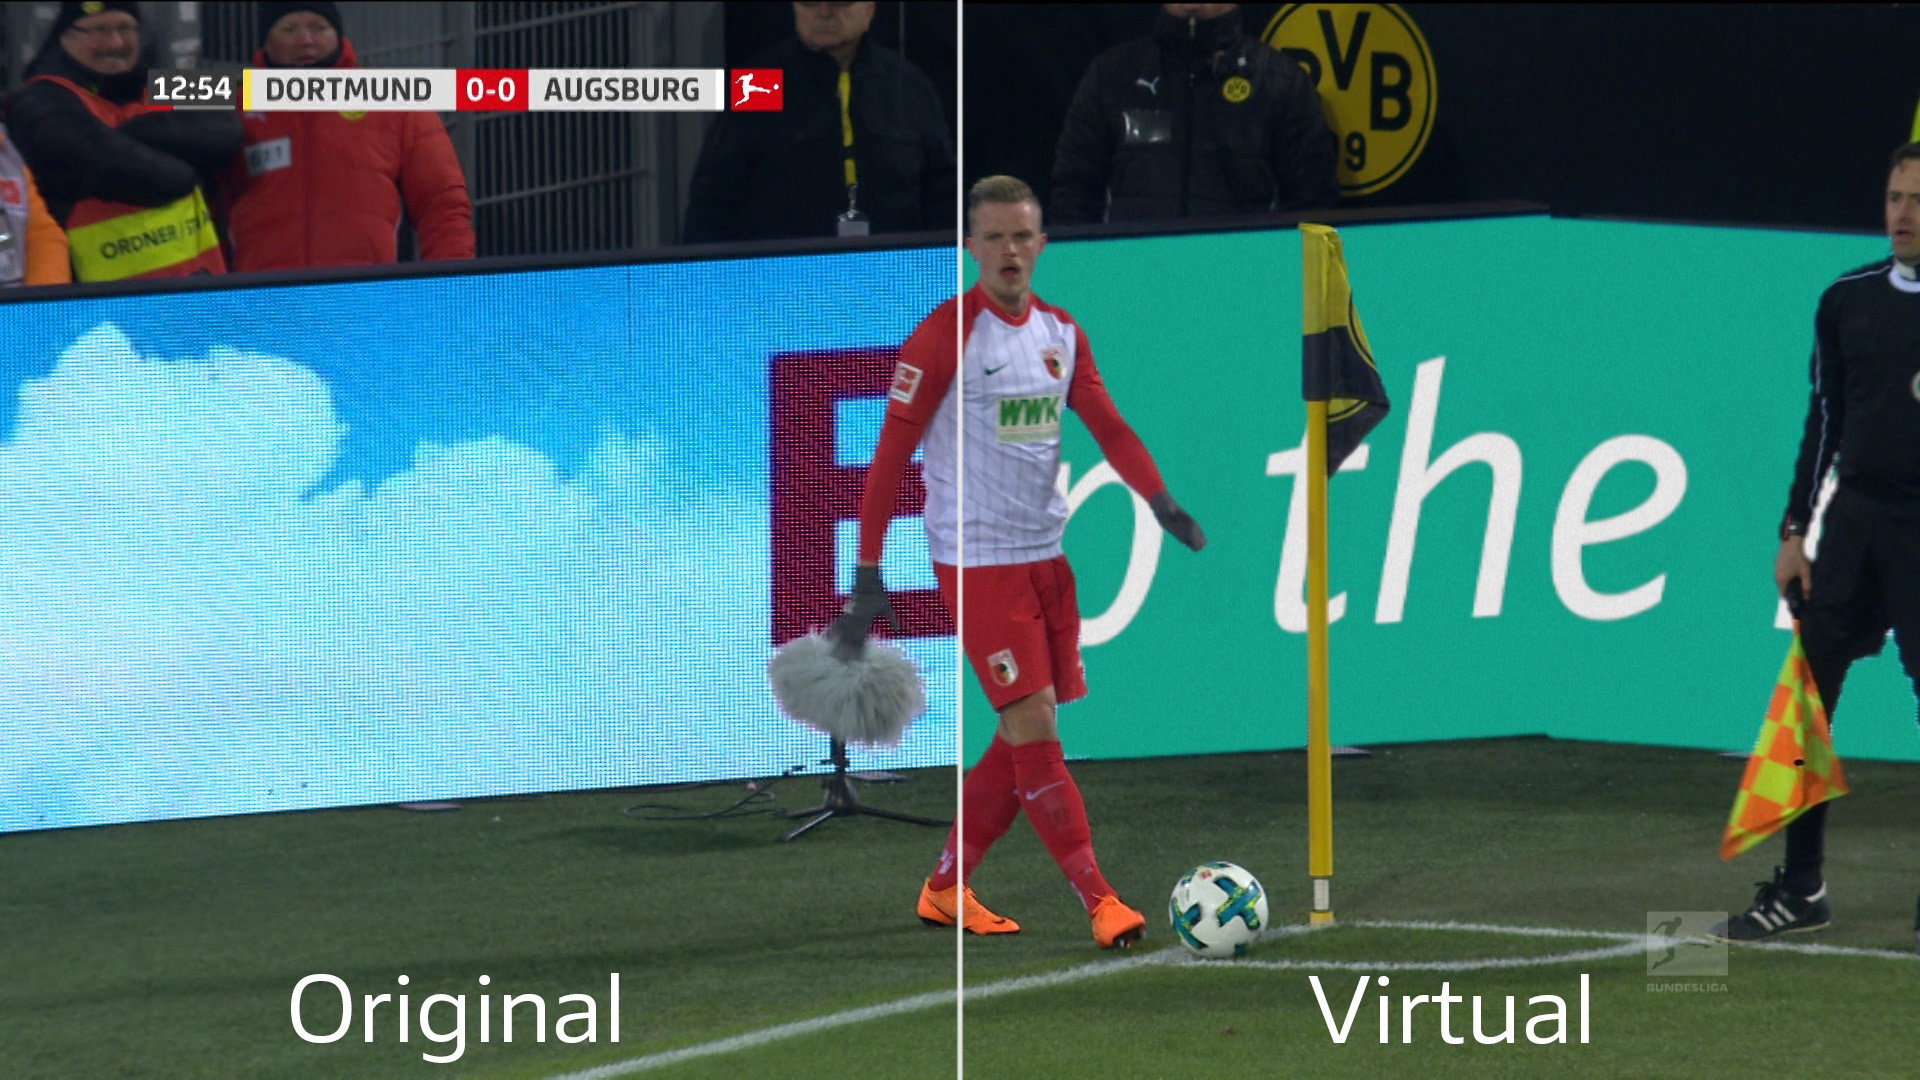 Fußball-Bundesliga: DFL gibt grünes Licht für virtuelle ...